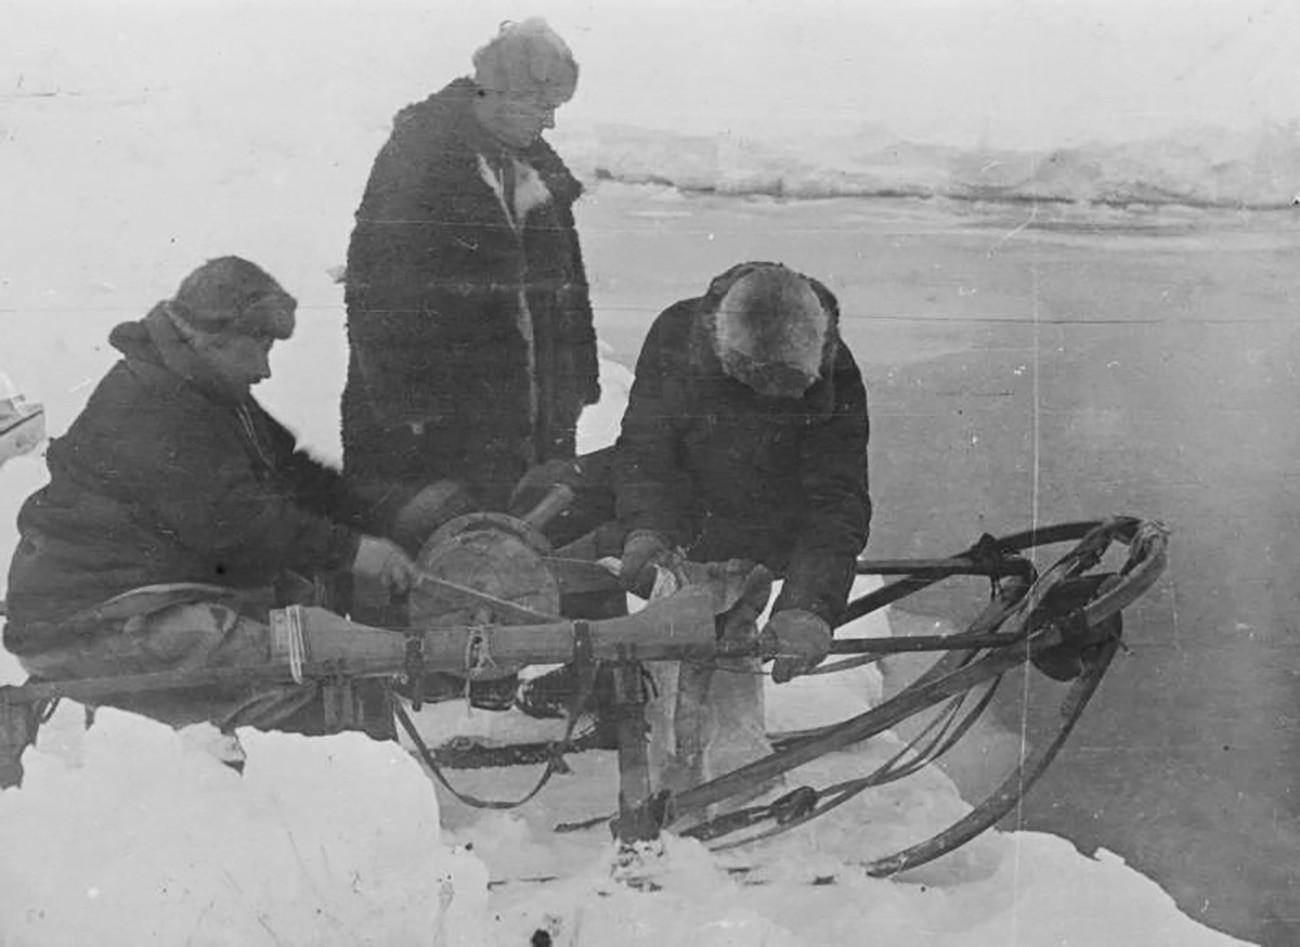 """Иван Папањин (лево). Експедиција се искрцала на лед 21. маја 1937. Плутајућа станица """"Северни пол 1"""" званично је отворена 6. јуна 1937."""